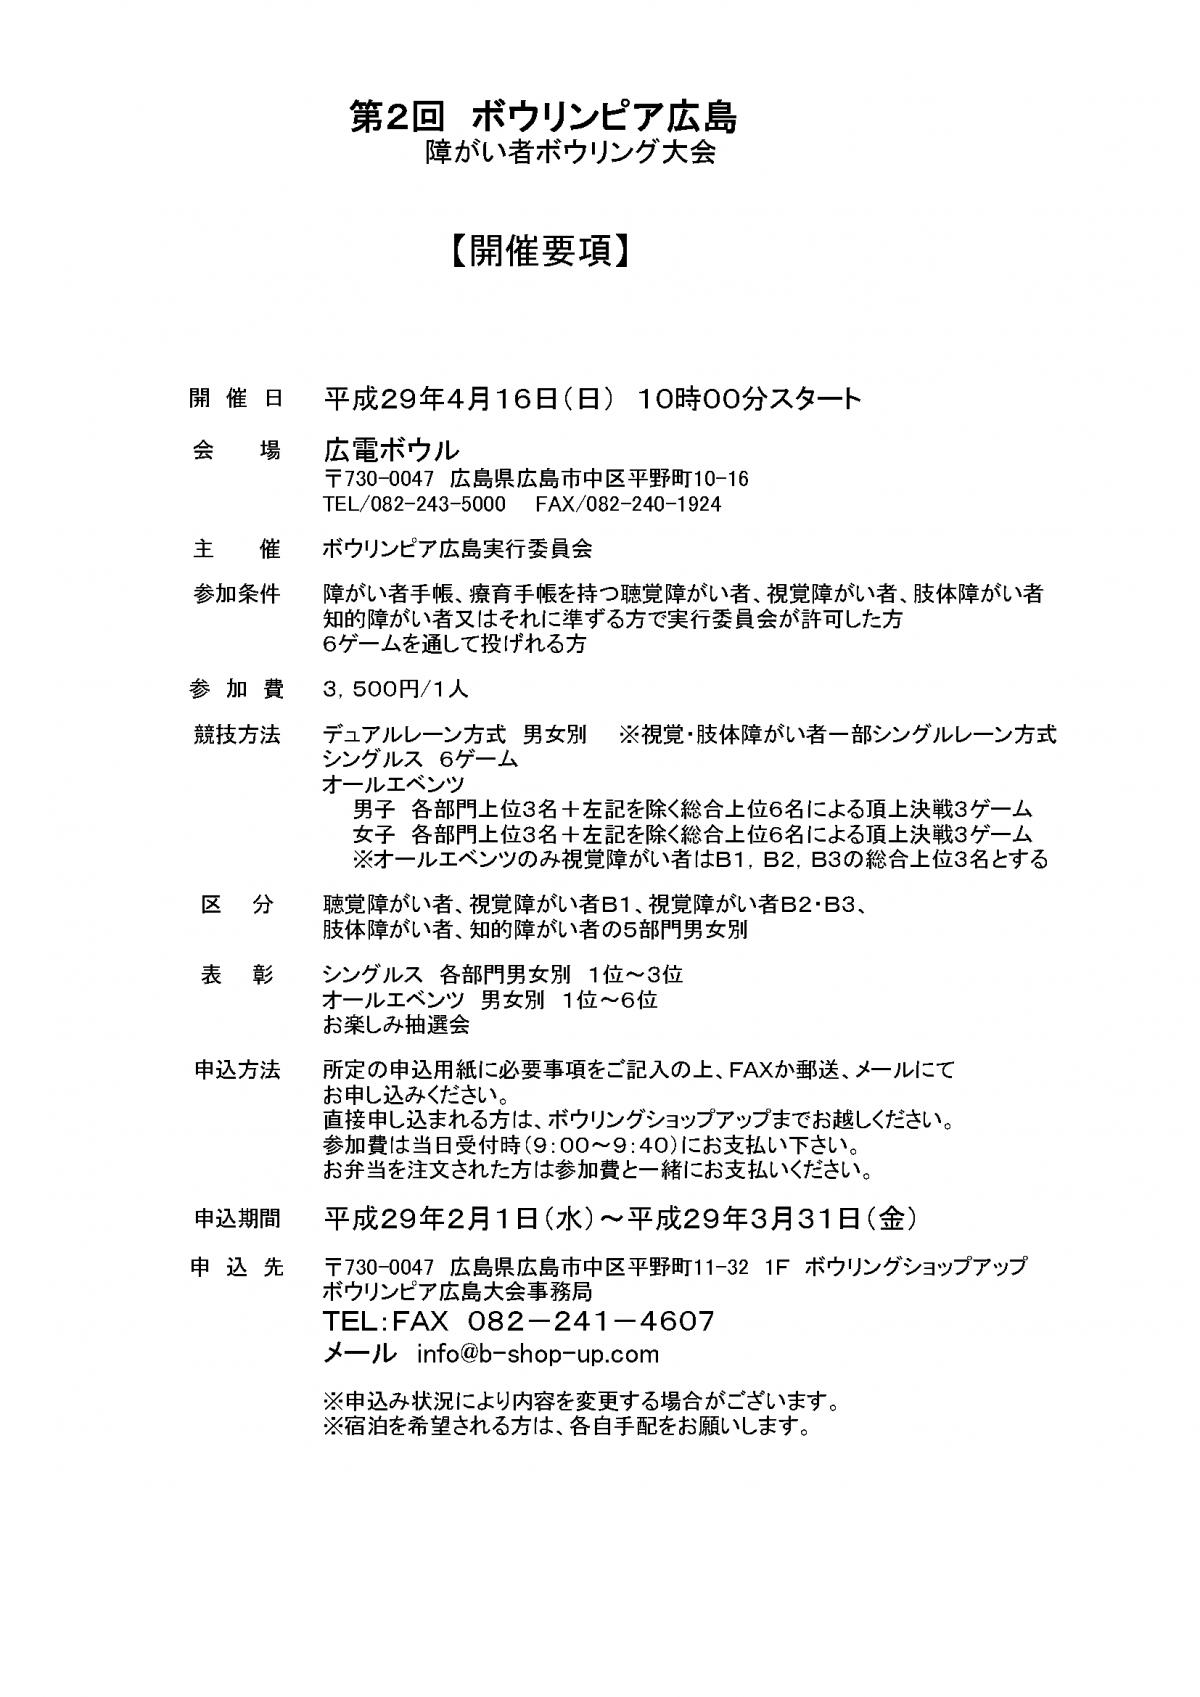 第2回ボウリンピア広島(障がい者ボウリング大会)大会要項(締切:2017年03月31日、開催:2017年04月16日)